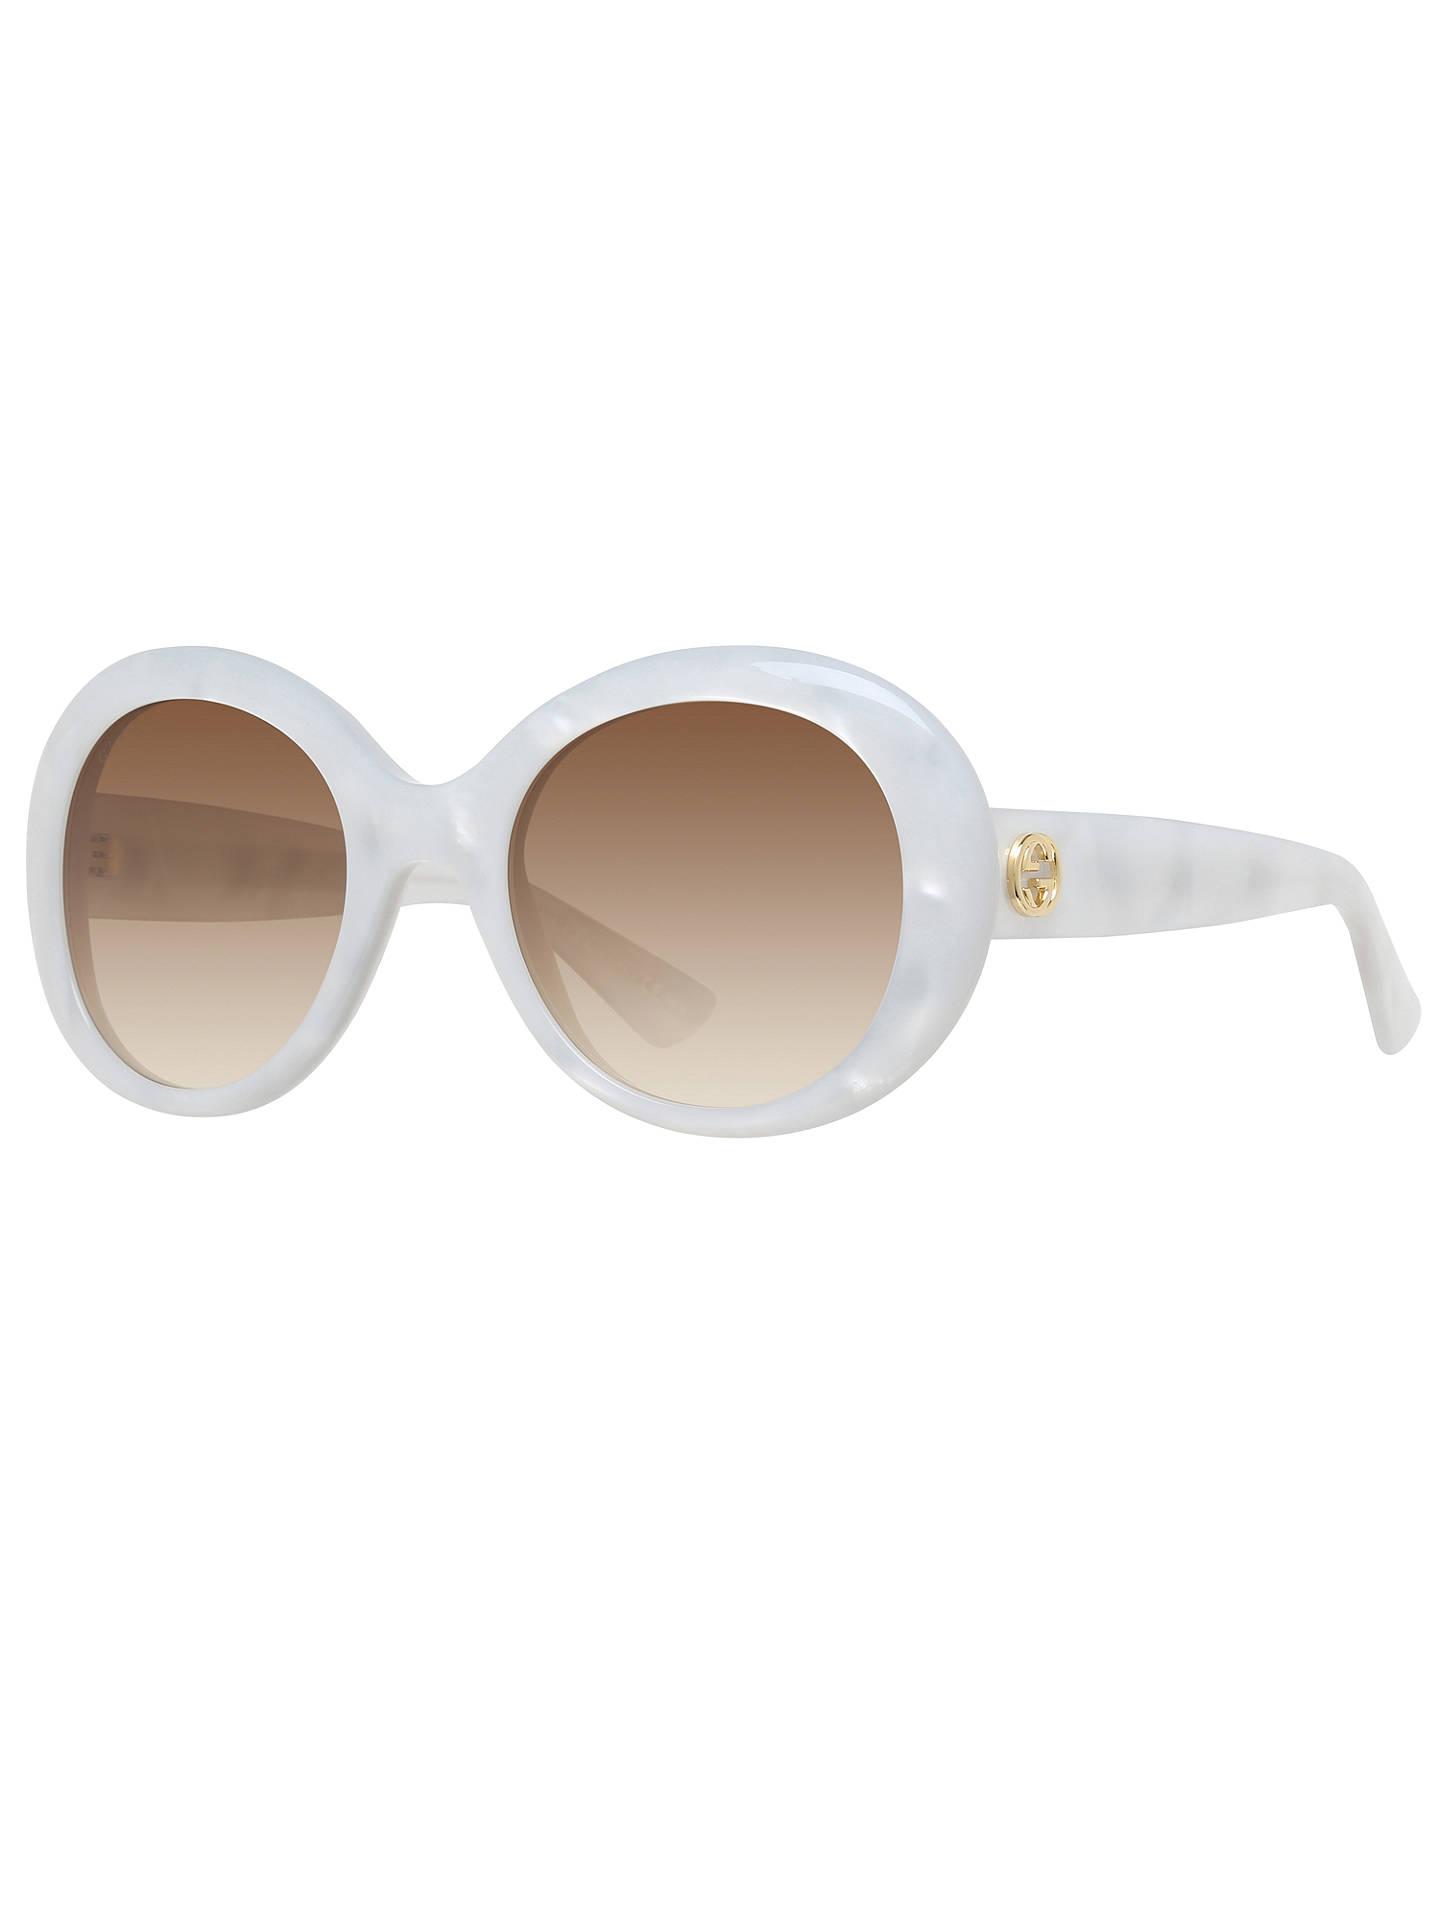 2a90b40ea078b Buy Gucci GG 3815 S Round Sunglasses